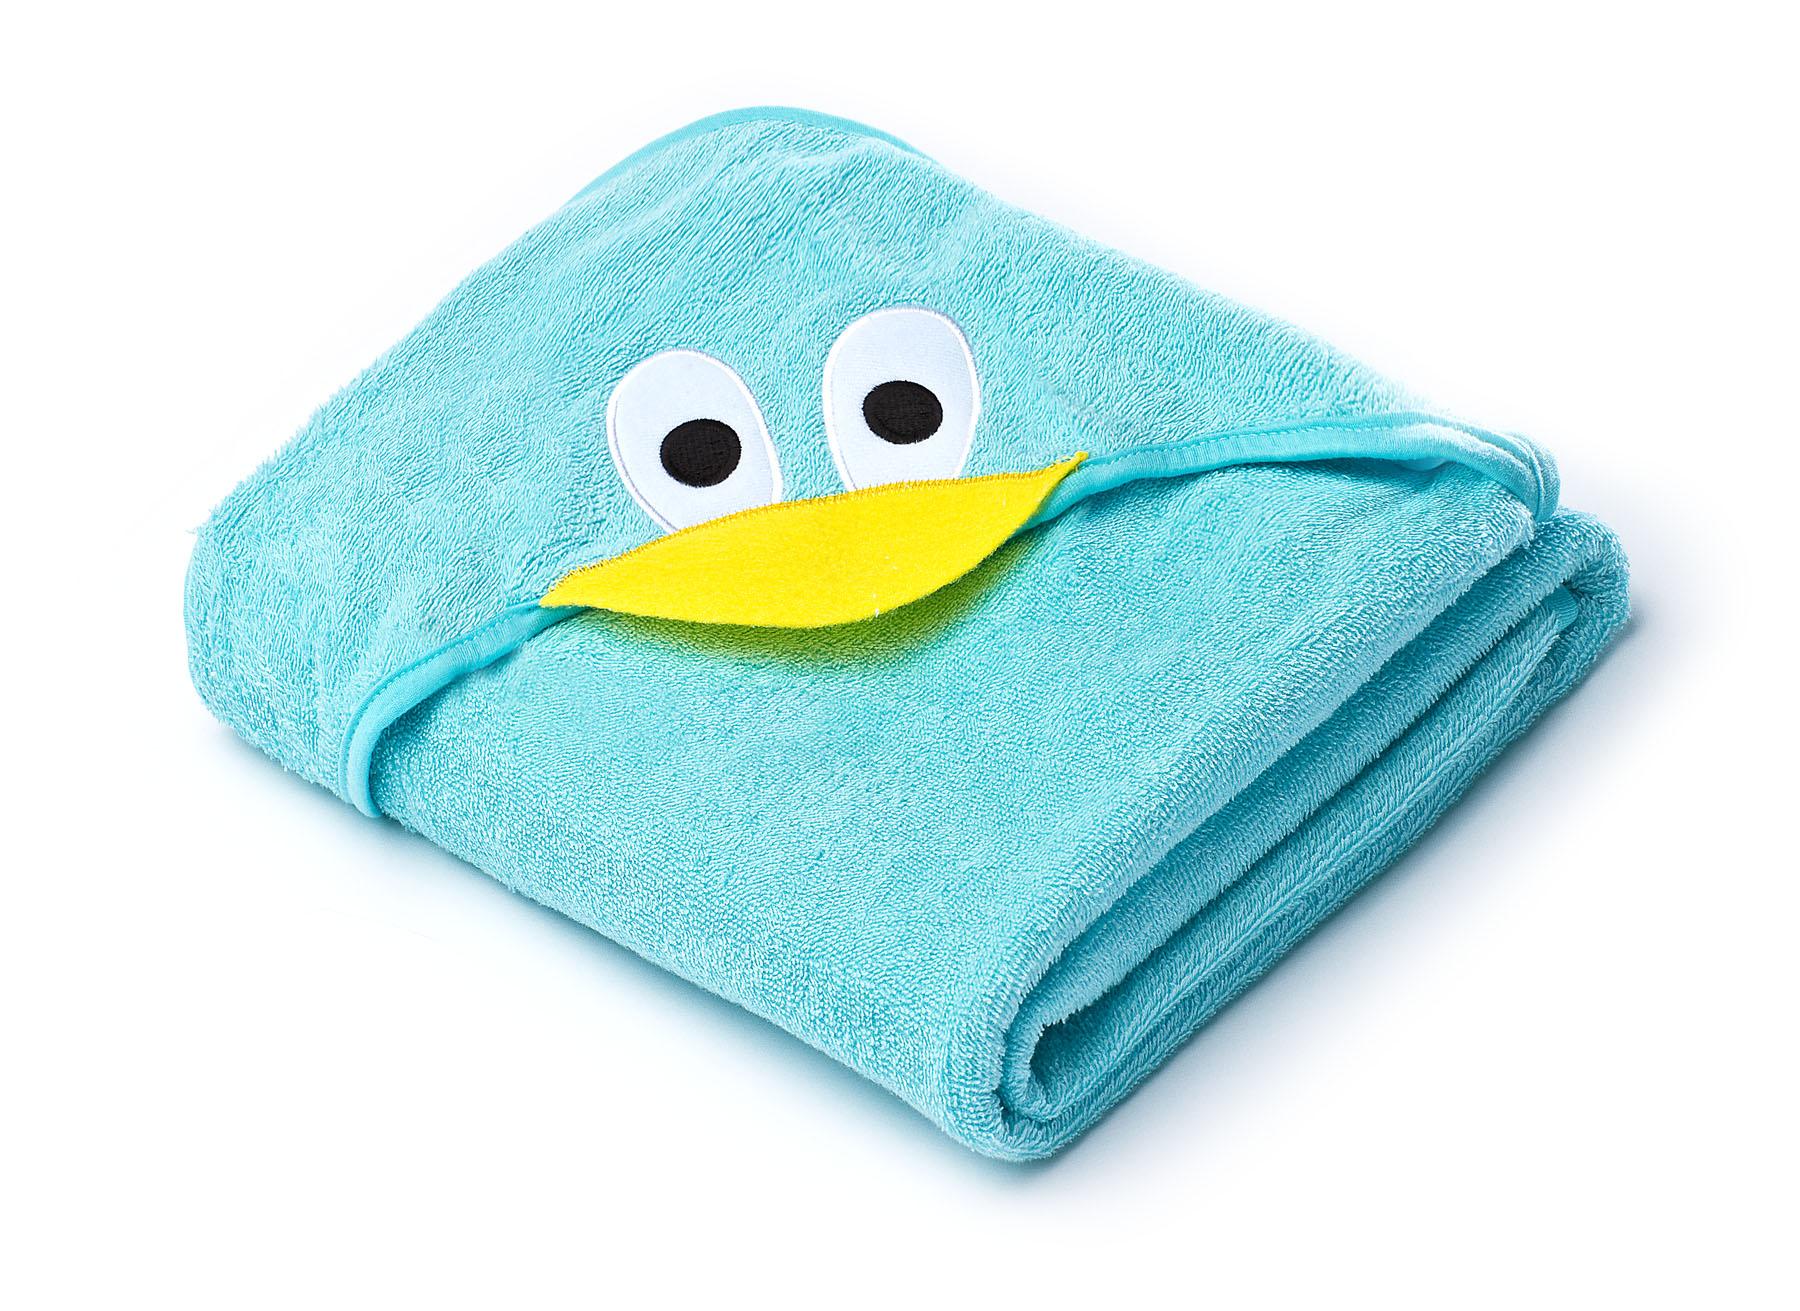 Miękkie okrycie kąpielowe Water Friends – kaczka niebieski